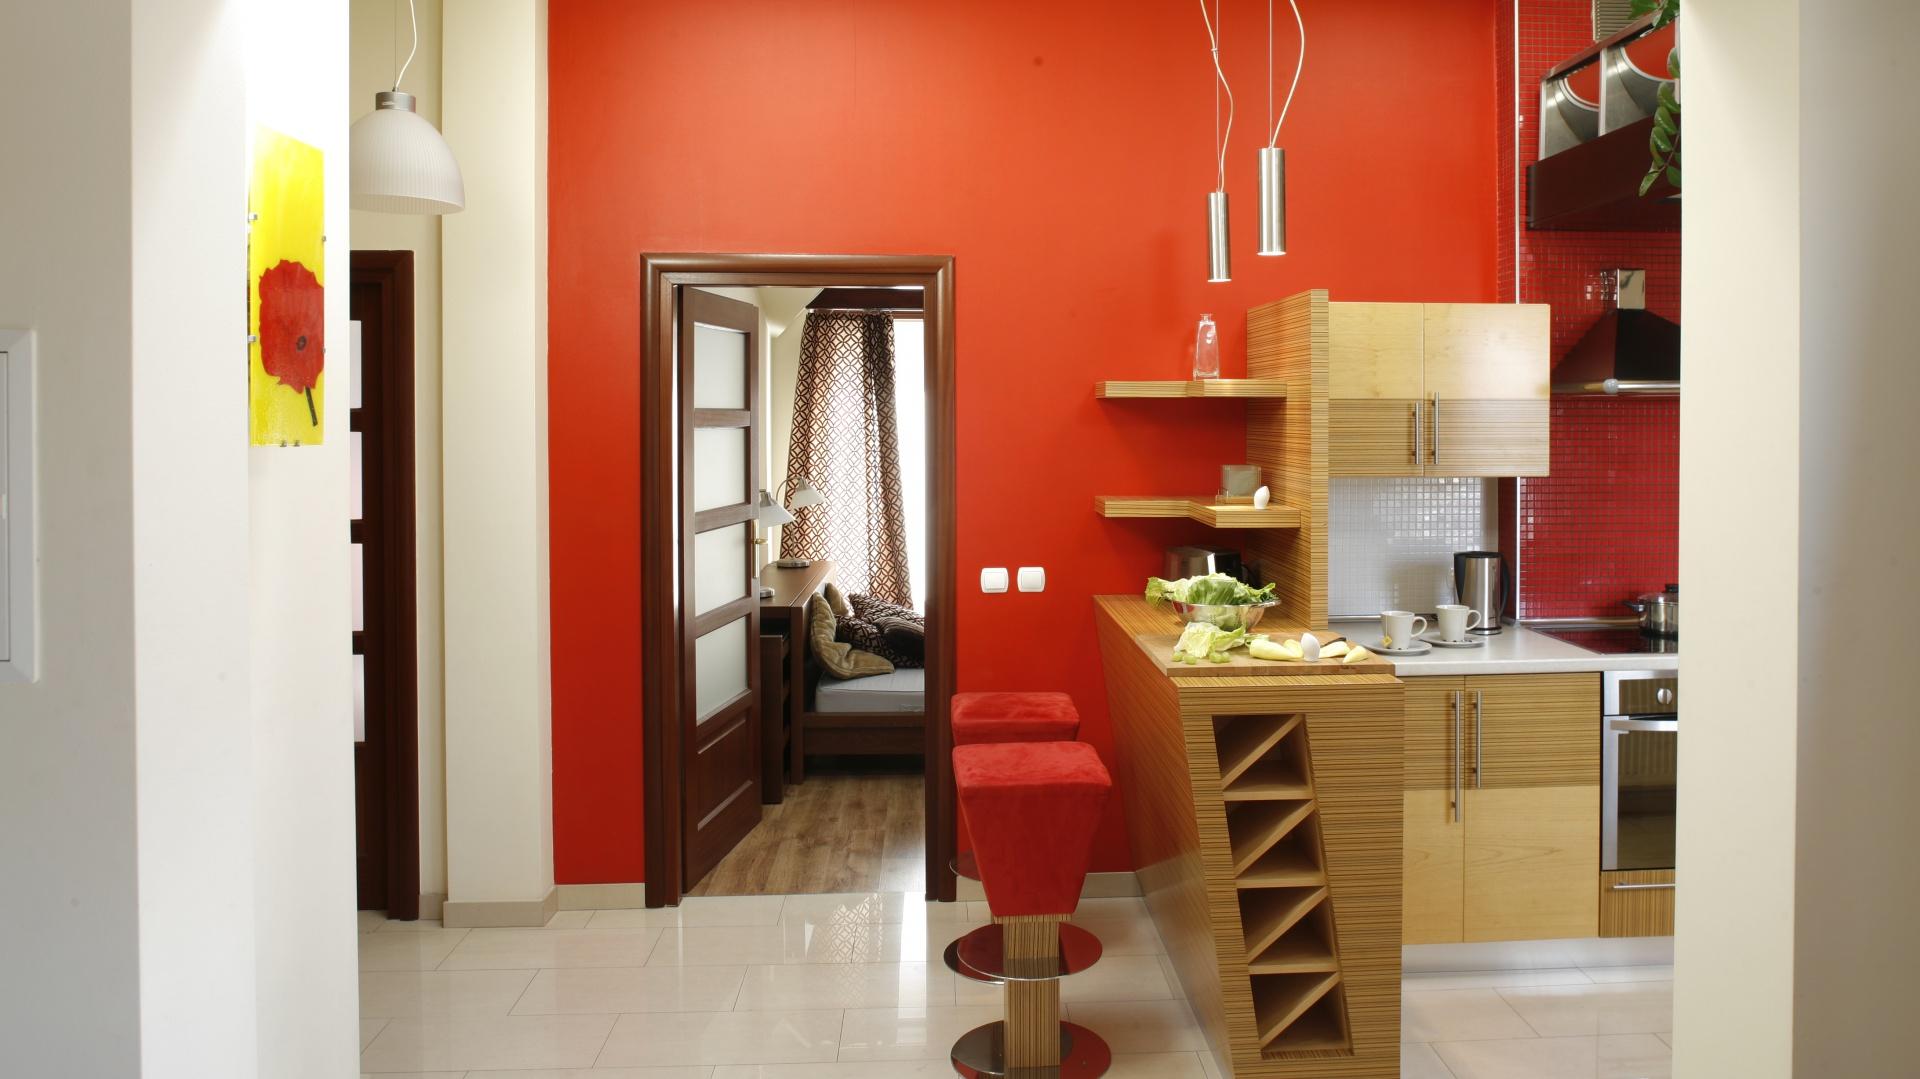 Czerwona ściana to odważny krok, który jednak w tym wnętrzu się opłacił. Przestrzeń nabrała oryginalnego charakteru. Projekt: InsideLab. Fot. Bartosz Jarosz.